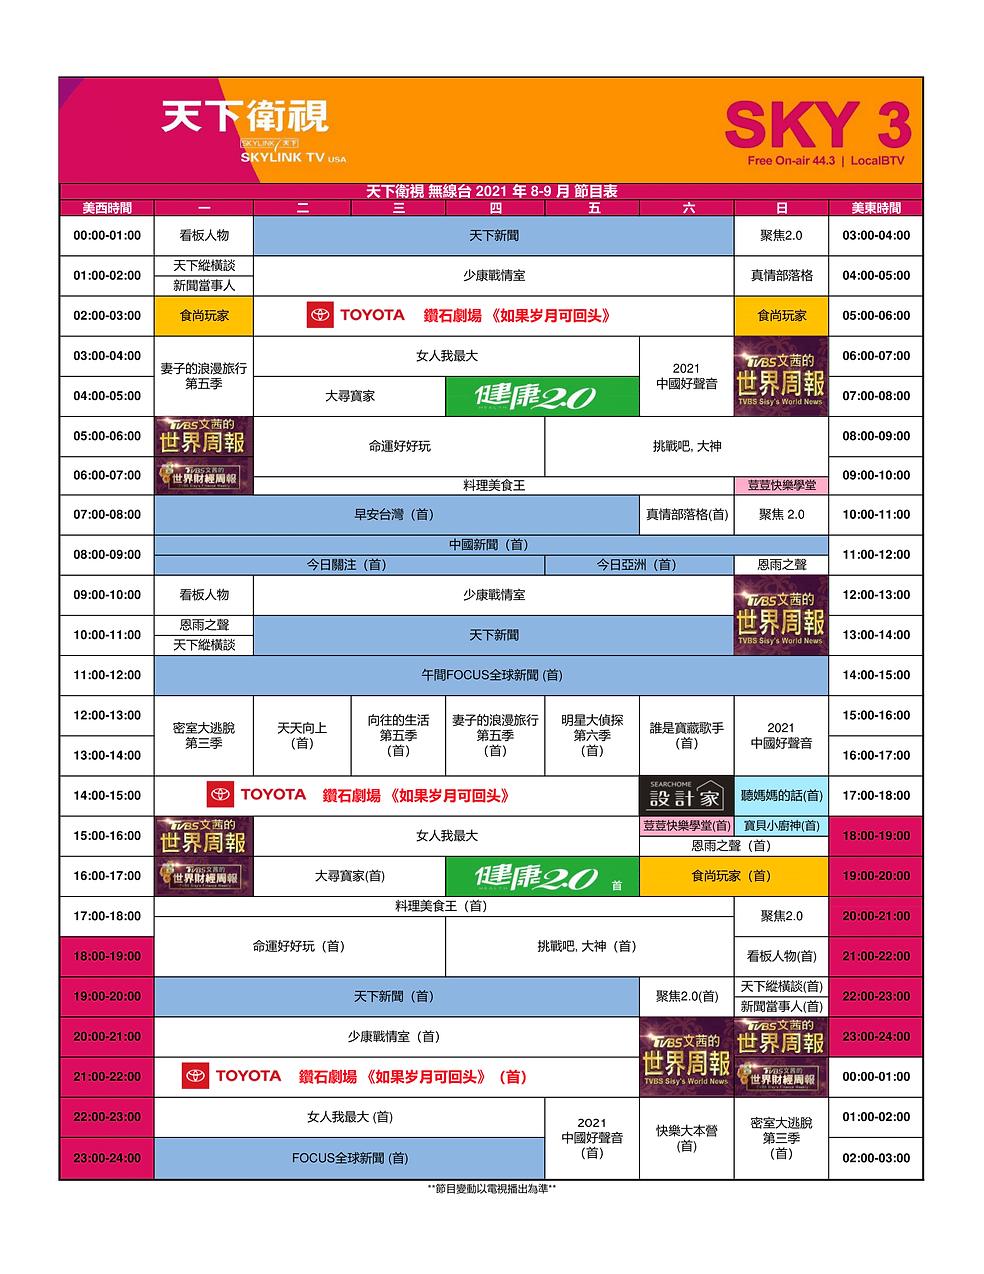 2021年8-9月無線台節目表-1.png